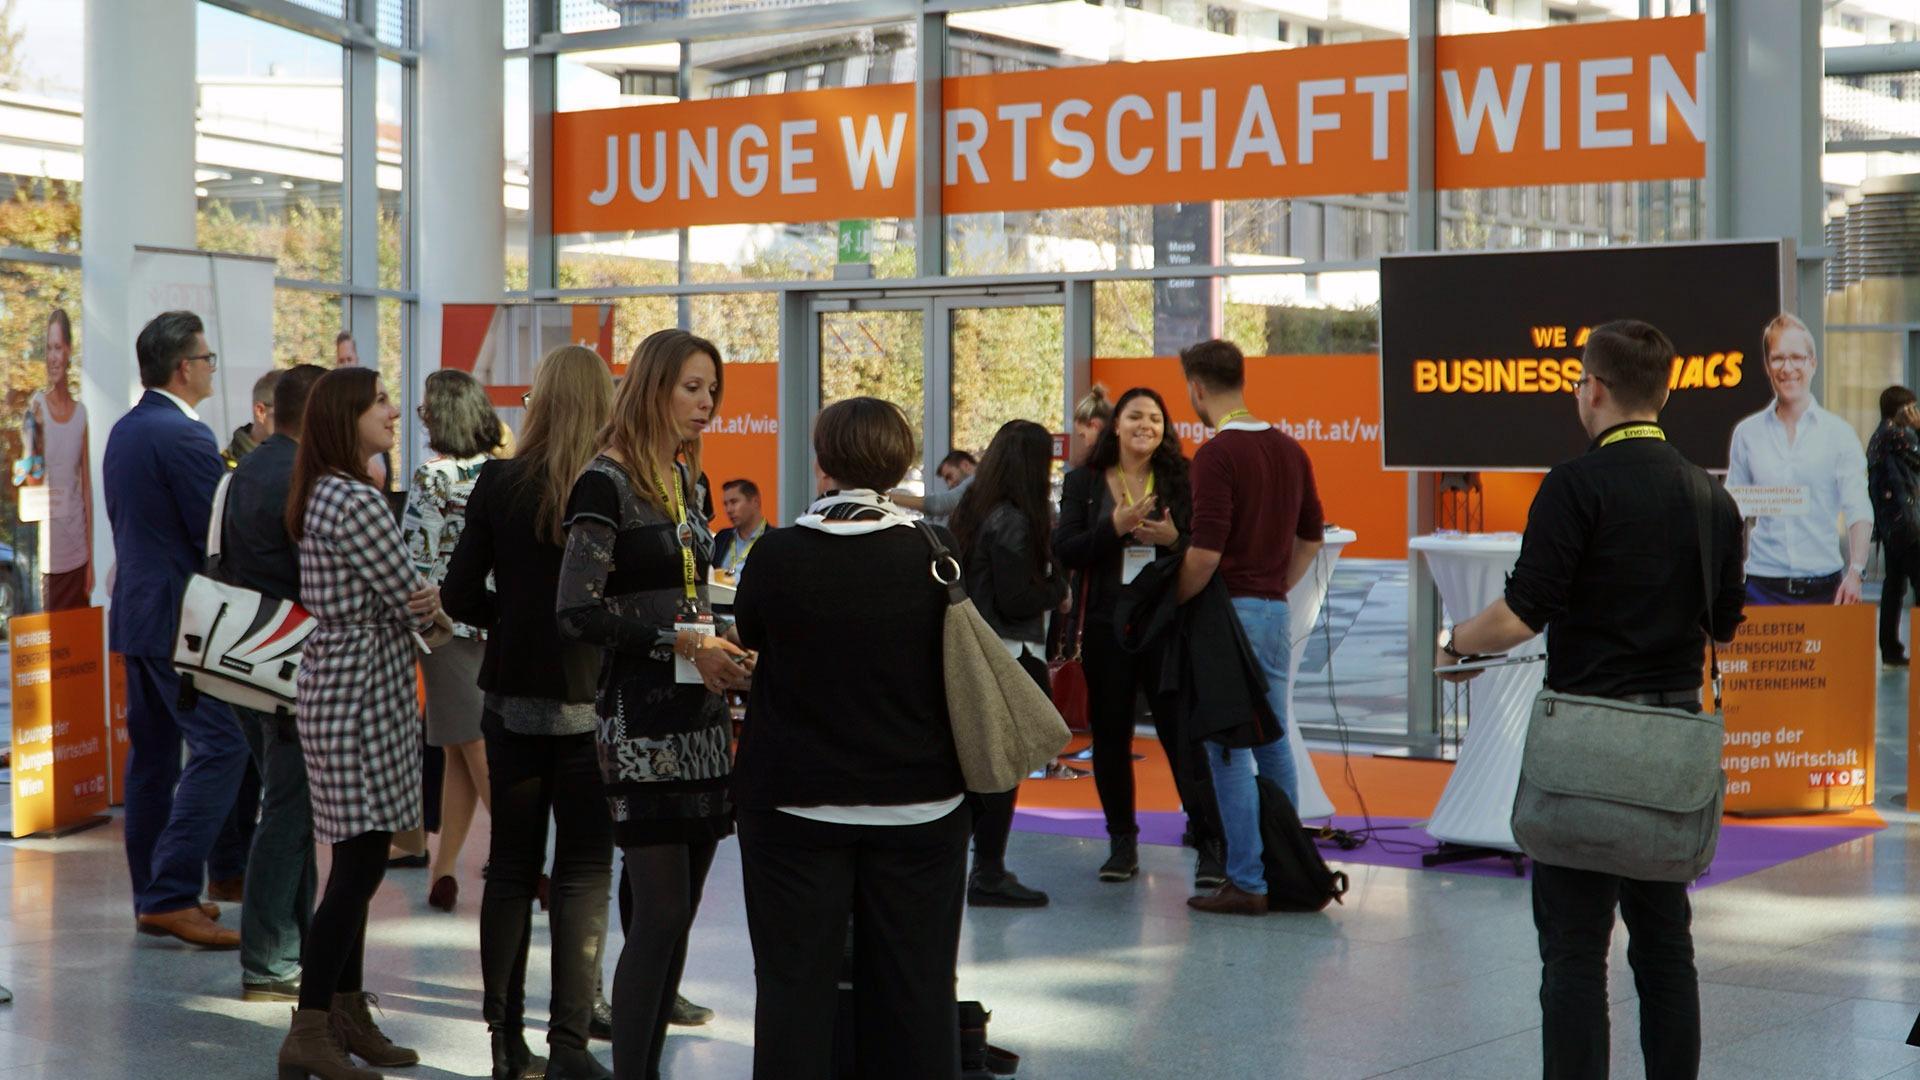 Lounge-Junge-Wirtschaft-Wien